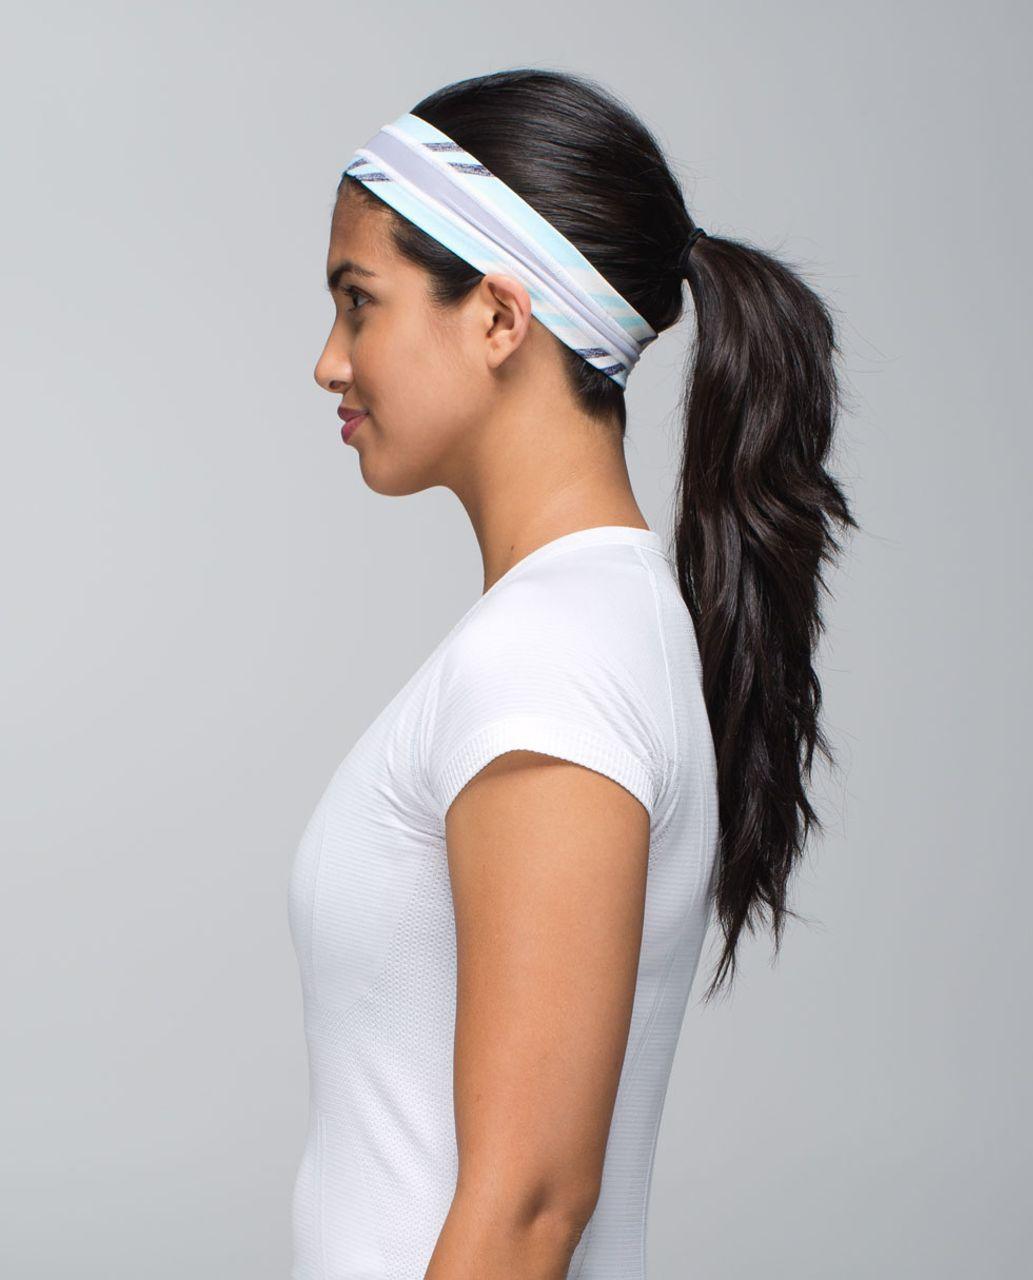 Lululemon Fly Away Tamer Headband *Mesh - Groovy Stripe Static Wave Cadet Blue / White